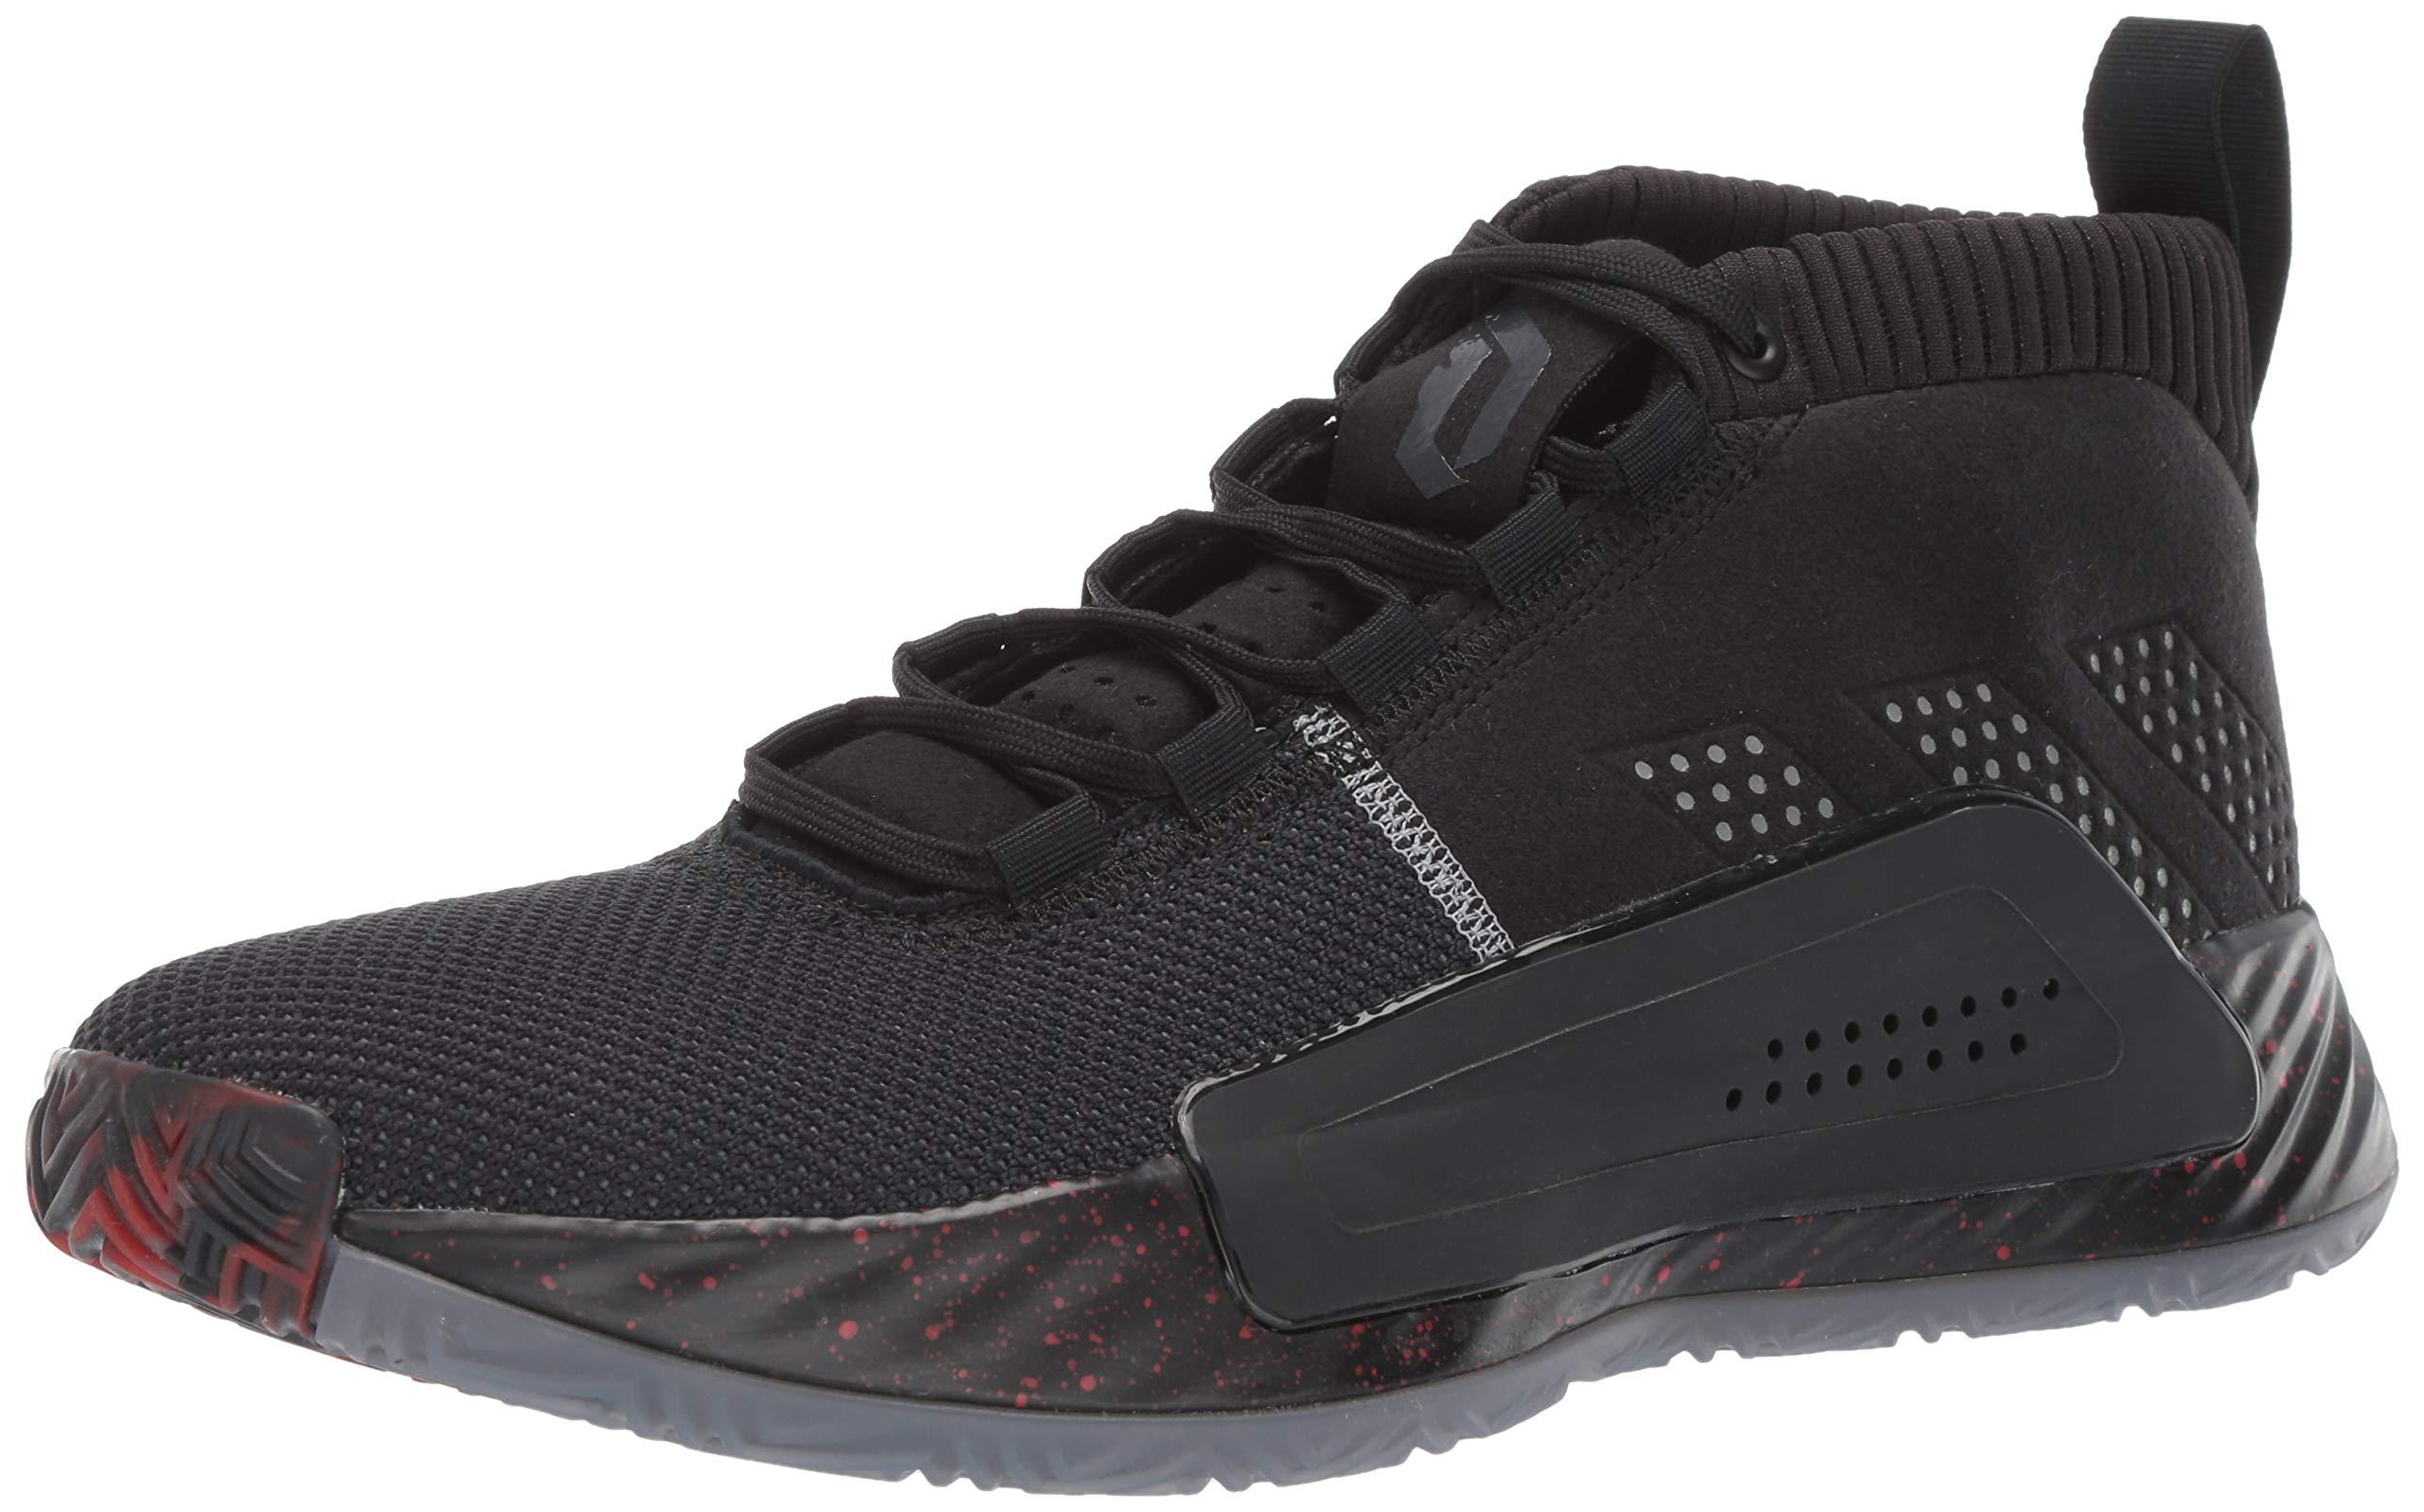 adidas Men's Dame 5, Black/Grey/Night Metallic, 6.5 M US